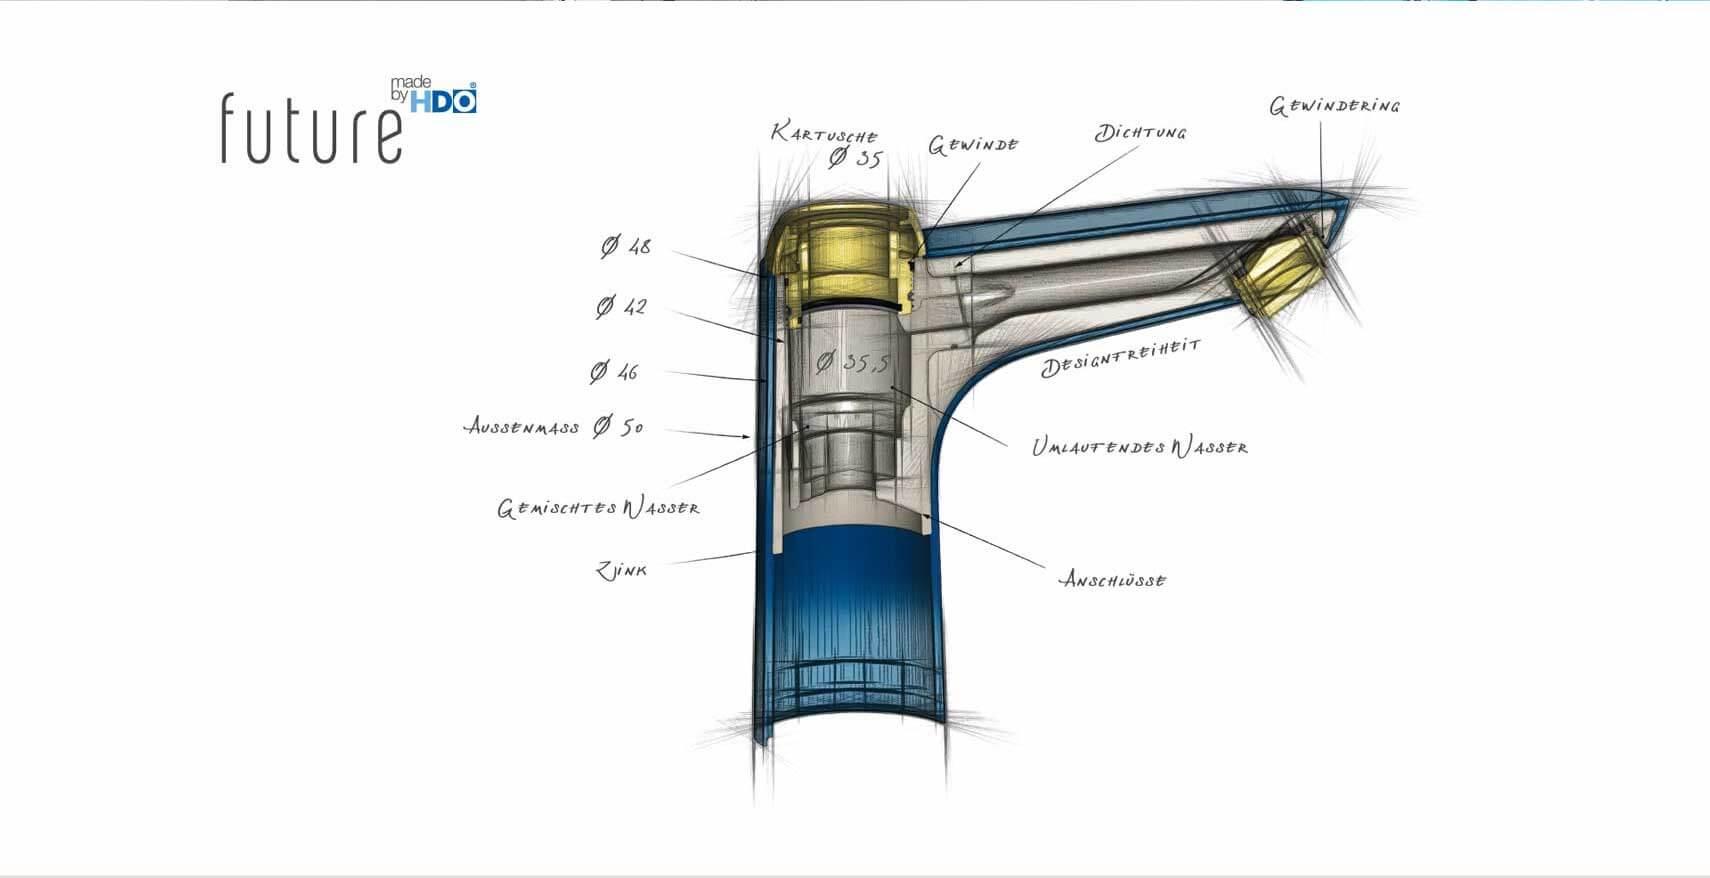 Modellzeichnung HDO-Future Technology